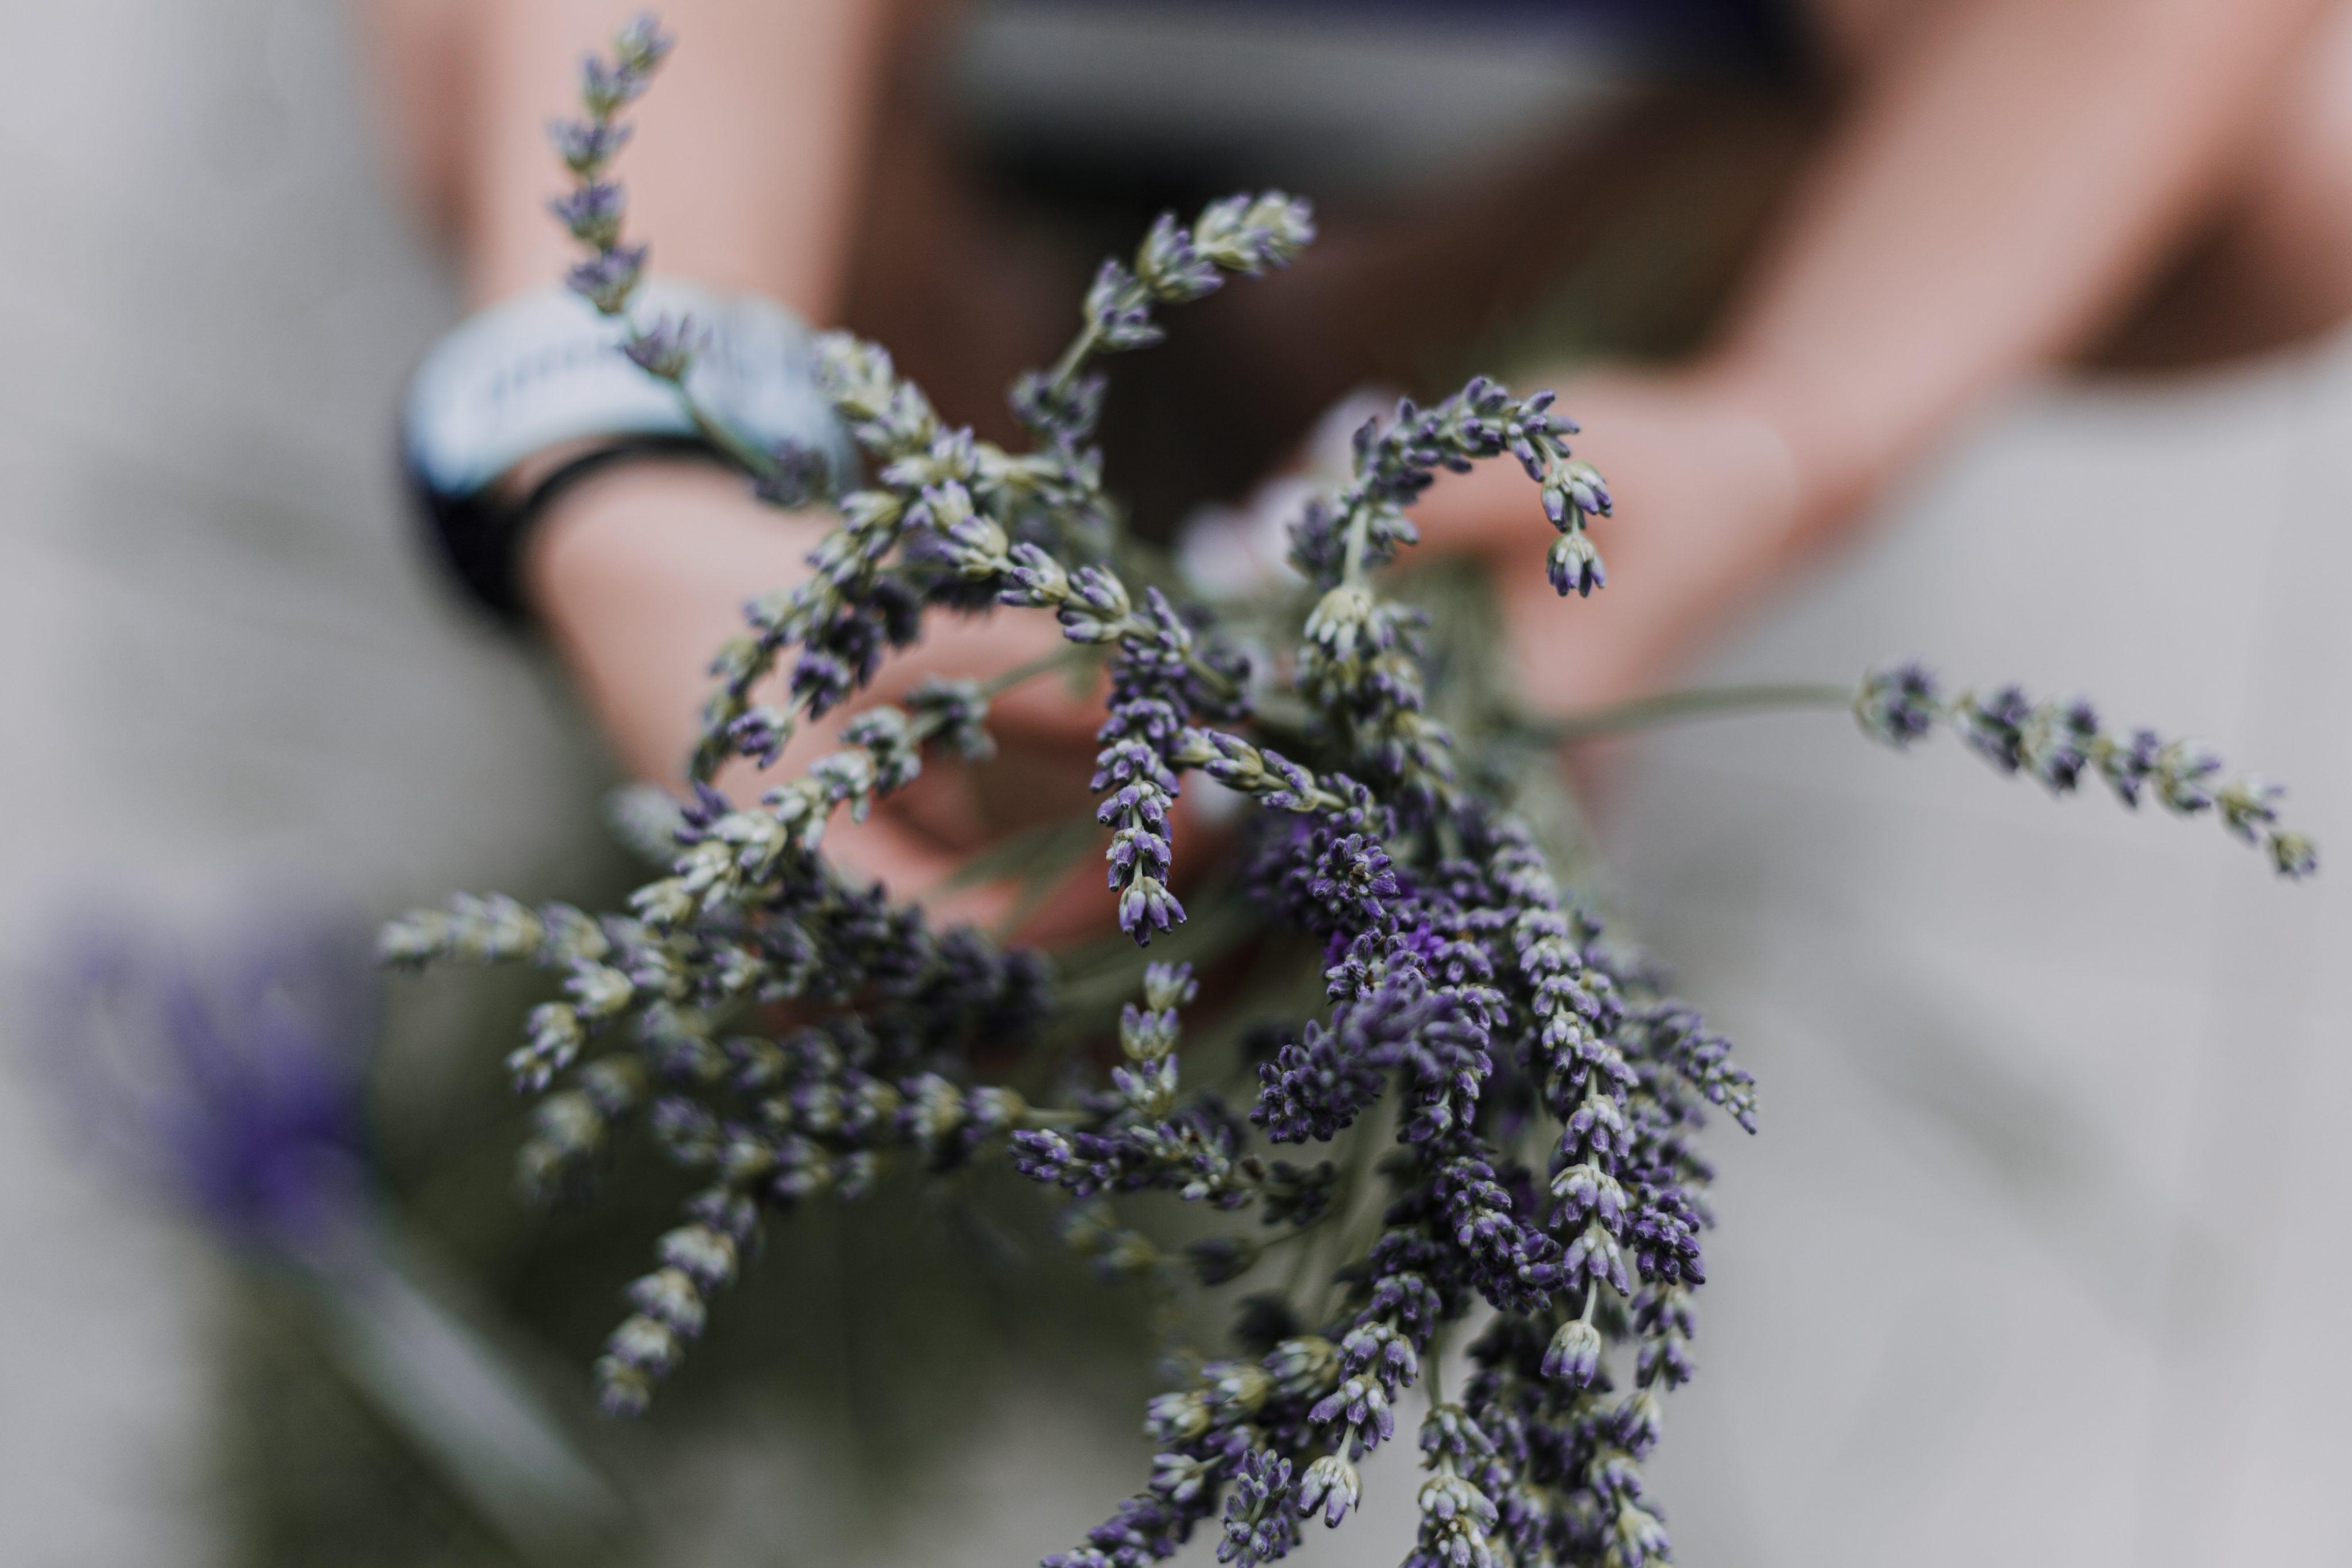 Frau hält Lavendelstrauss in den Händen